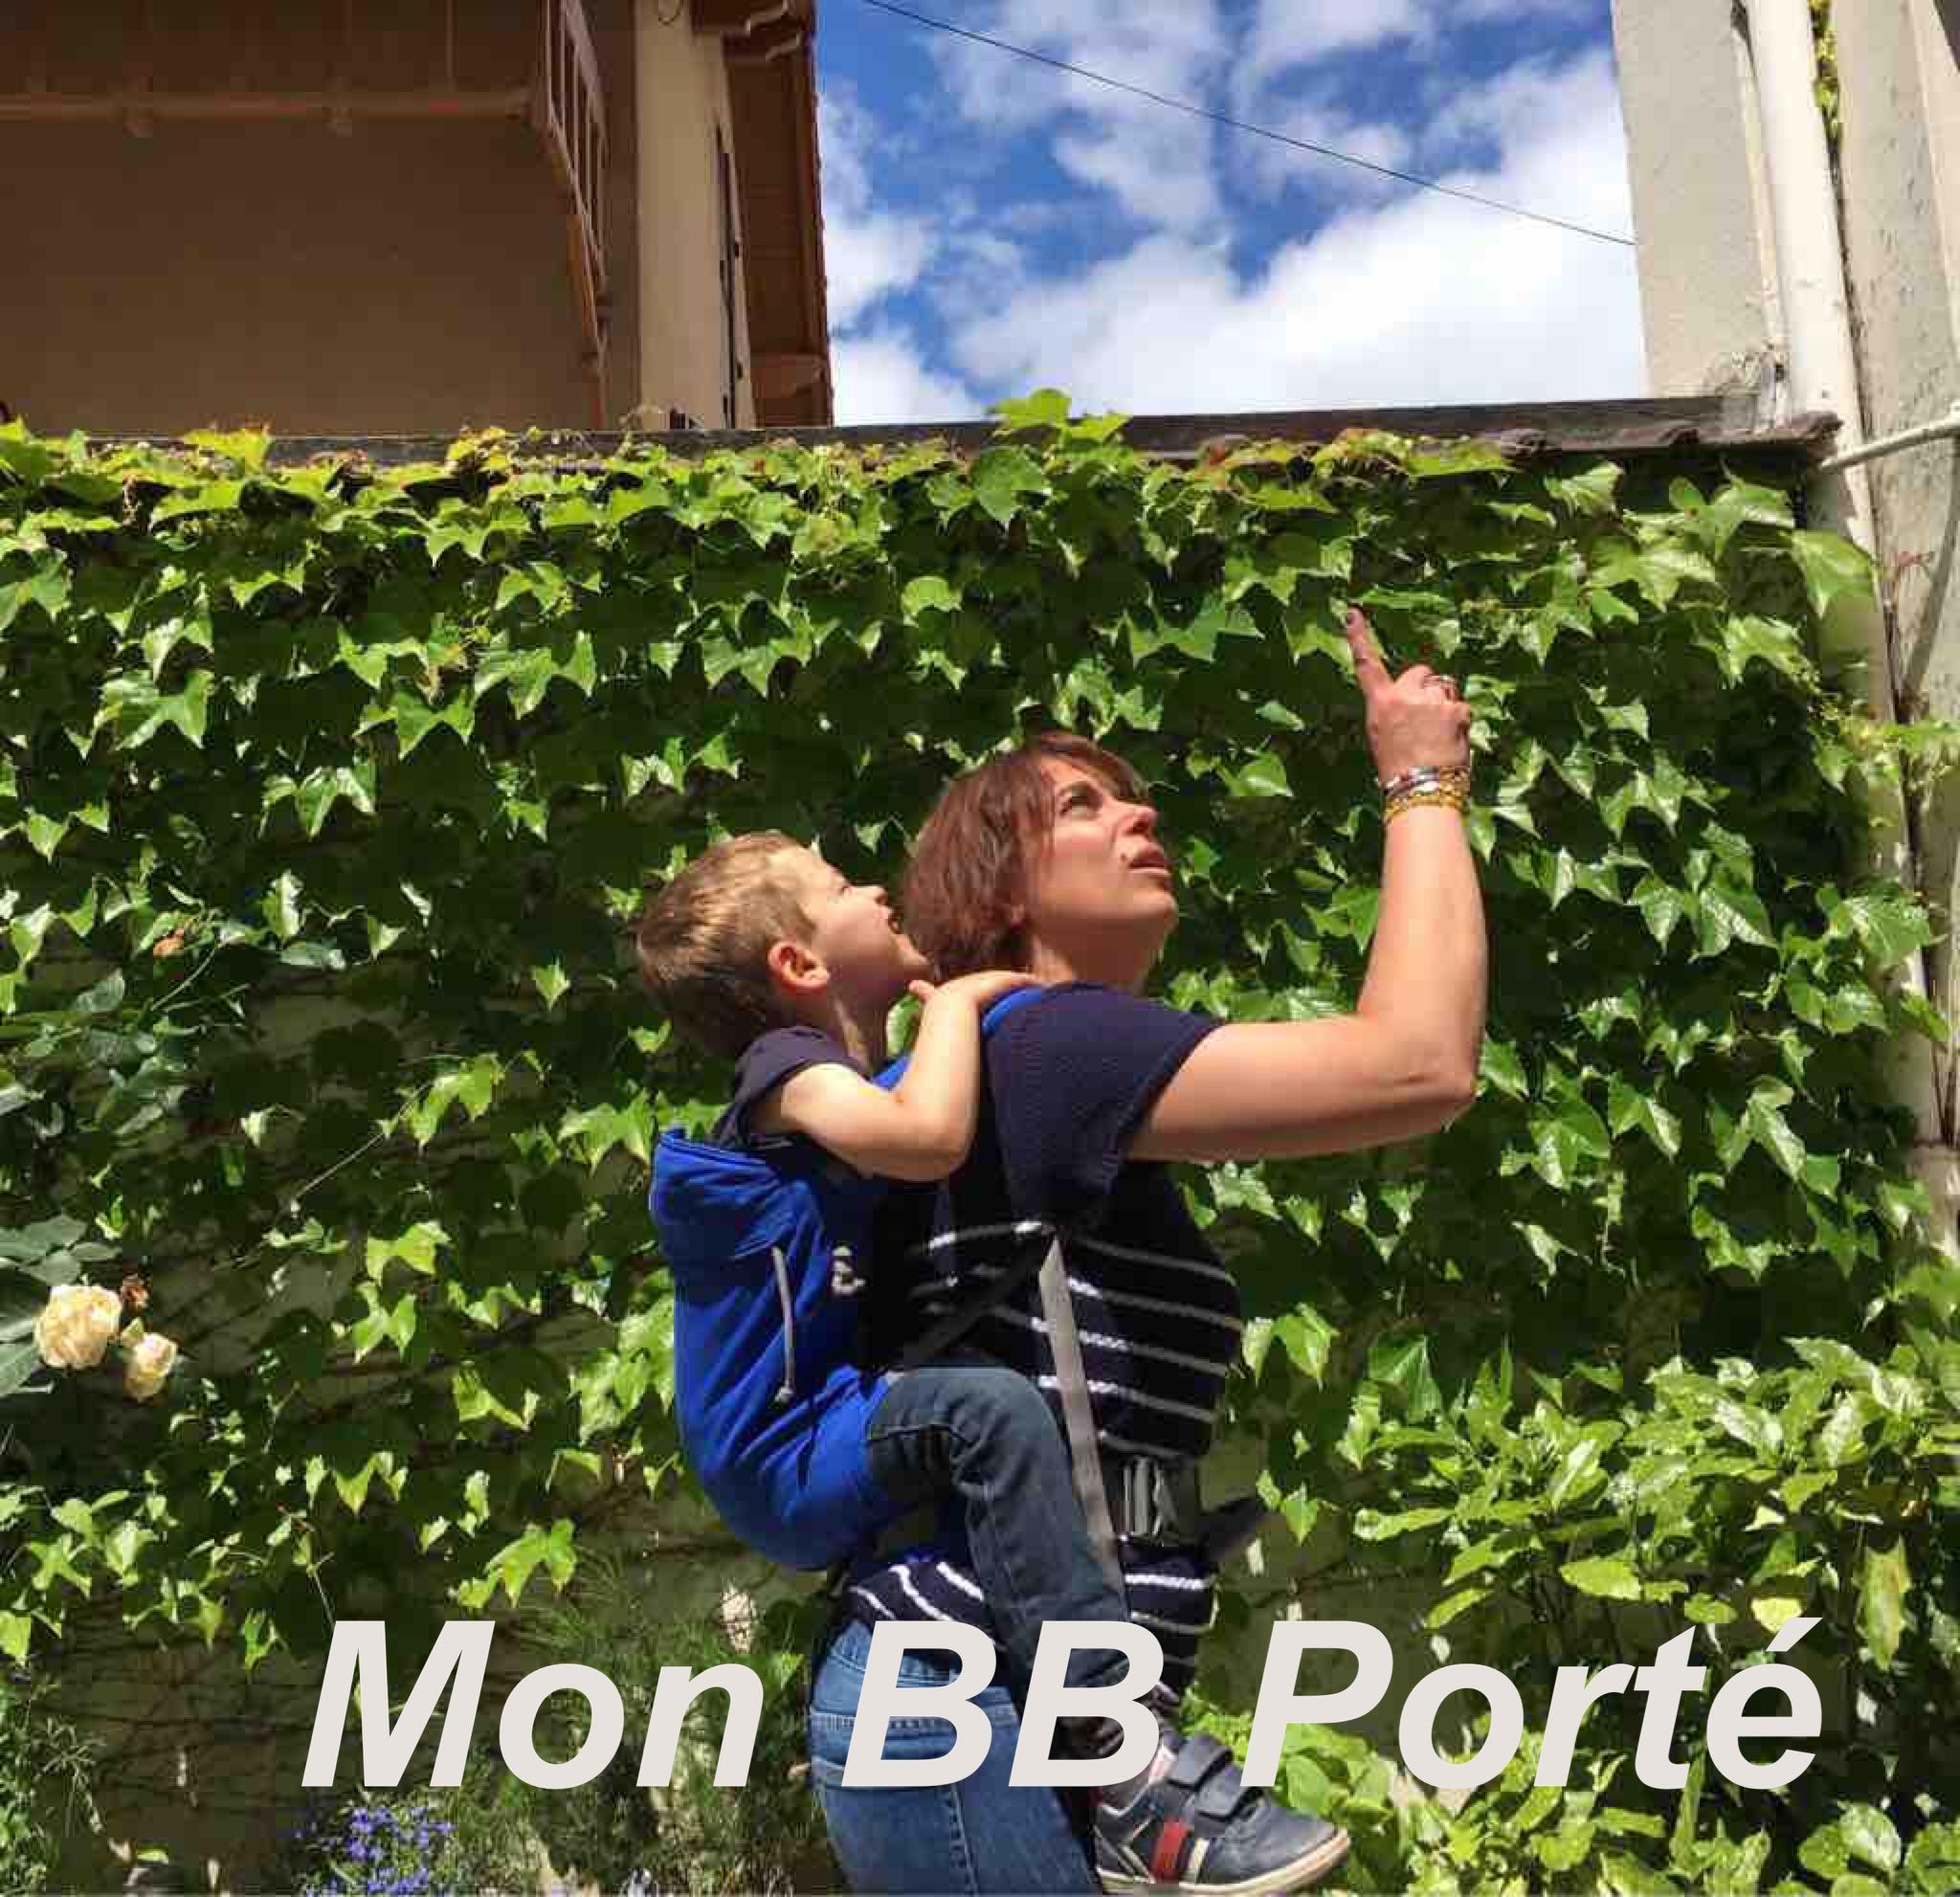 763d8a23adfa Mon test et avis sur le porte-bébé P4 de Ling Ling d Amour   Mon BB ...